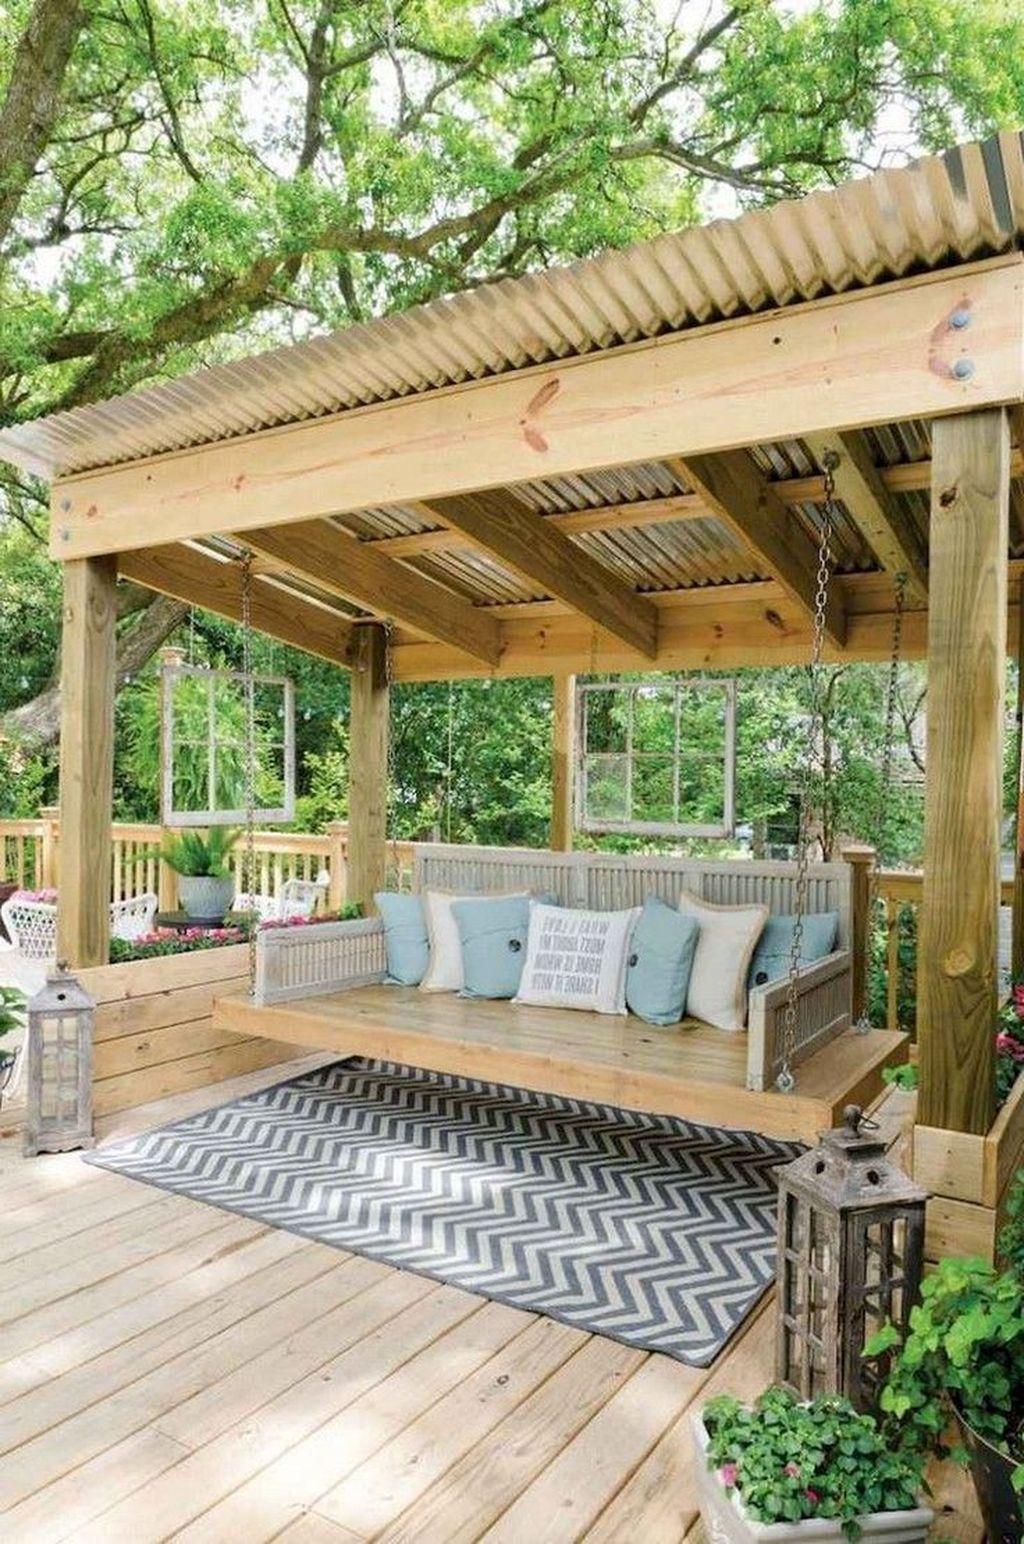 Inspiring Pergola Patio Design Ideas For Your Backyard Decor 19